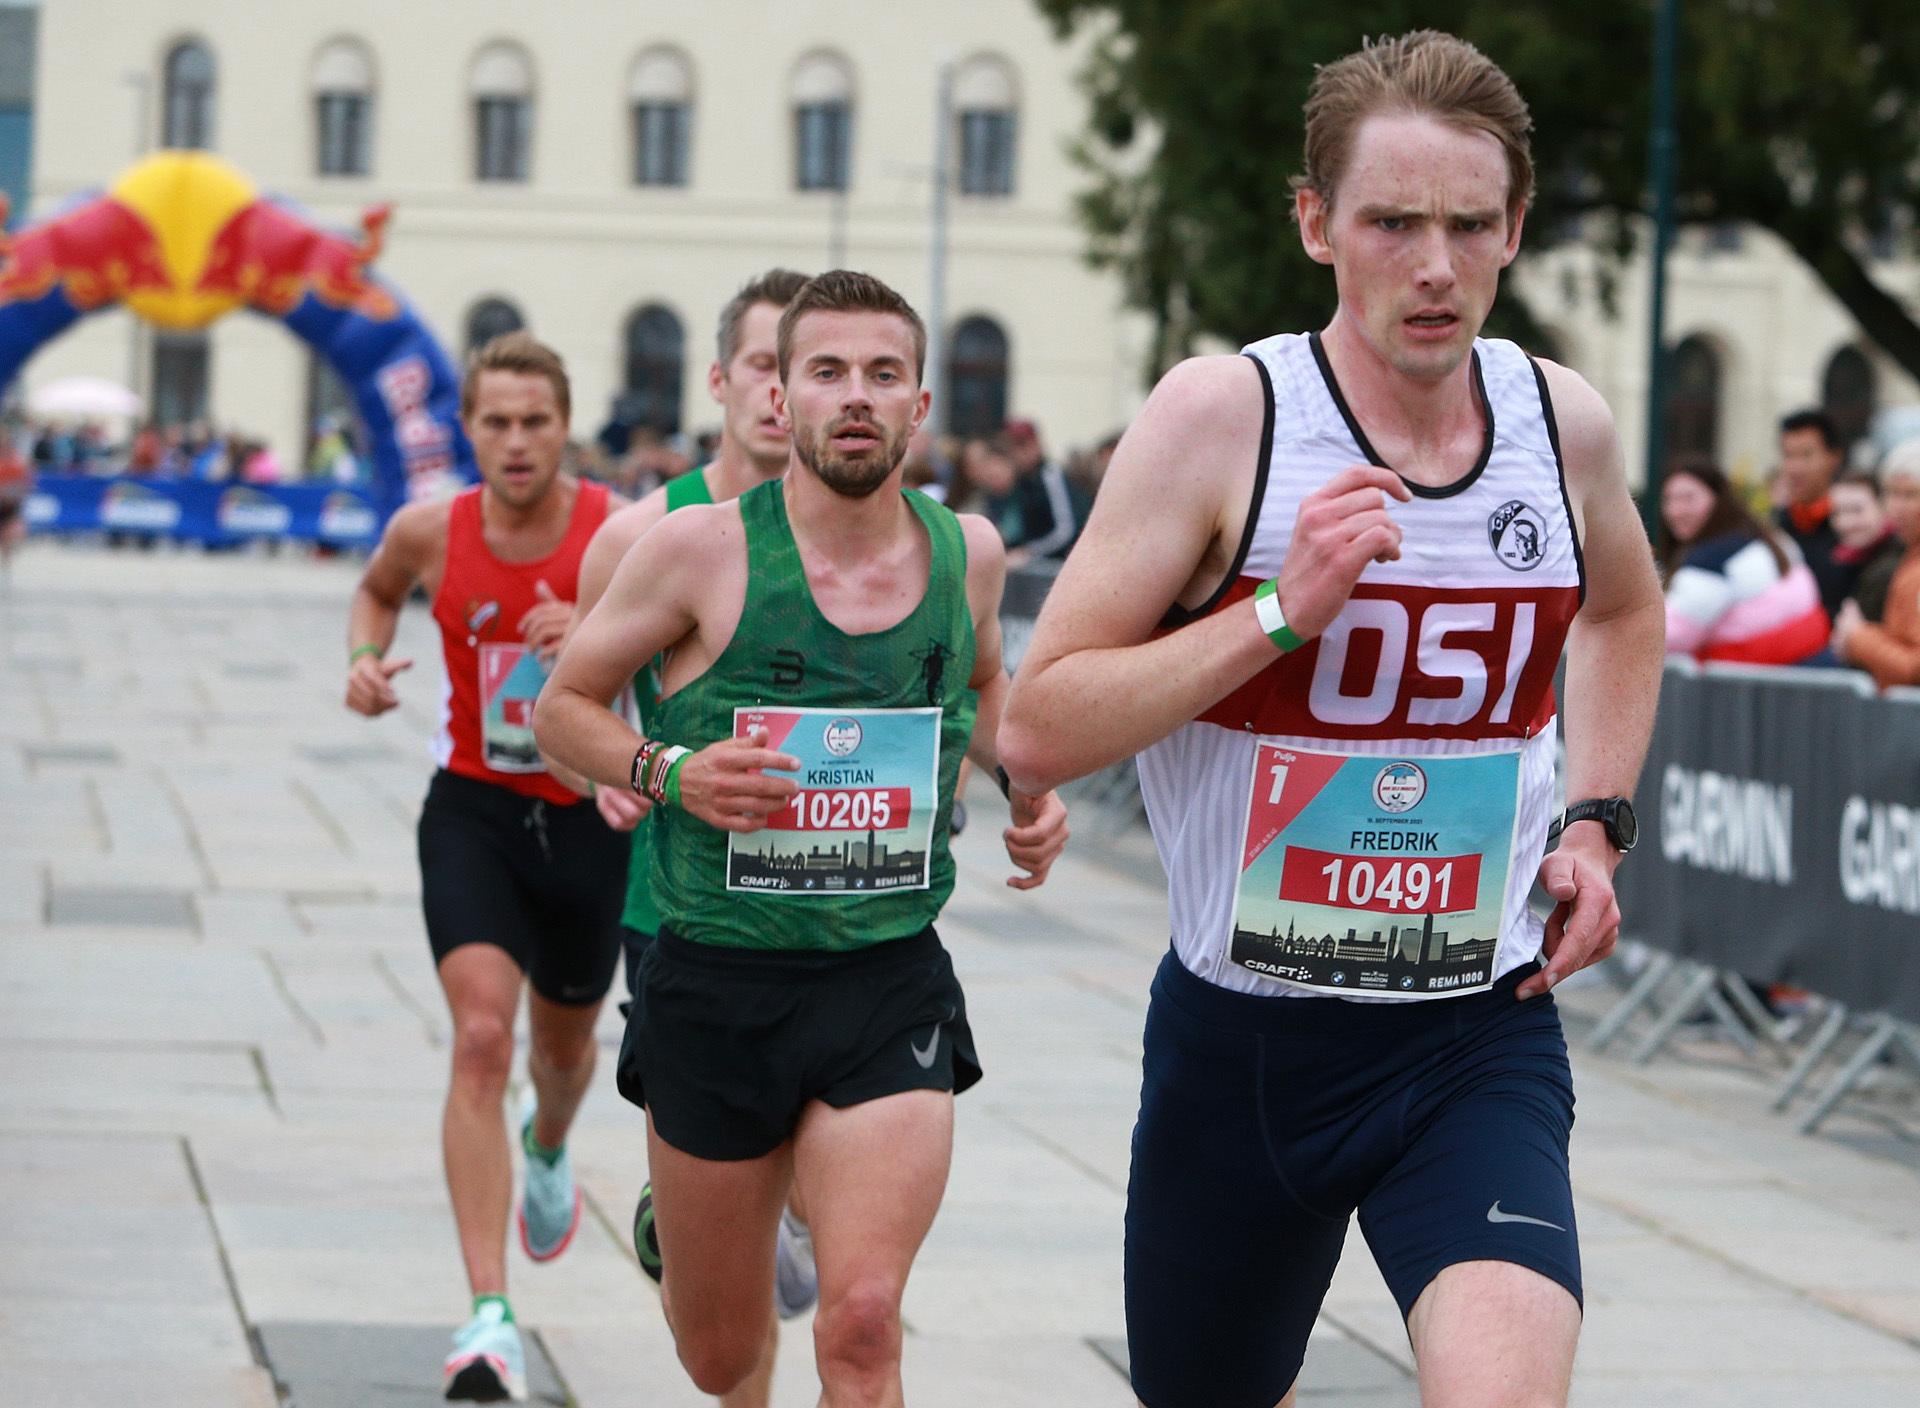 Red_Bull_100m_kampen_om_2pl_10km_AZ3T8972.jpg